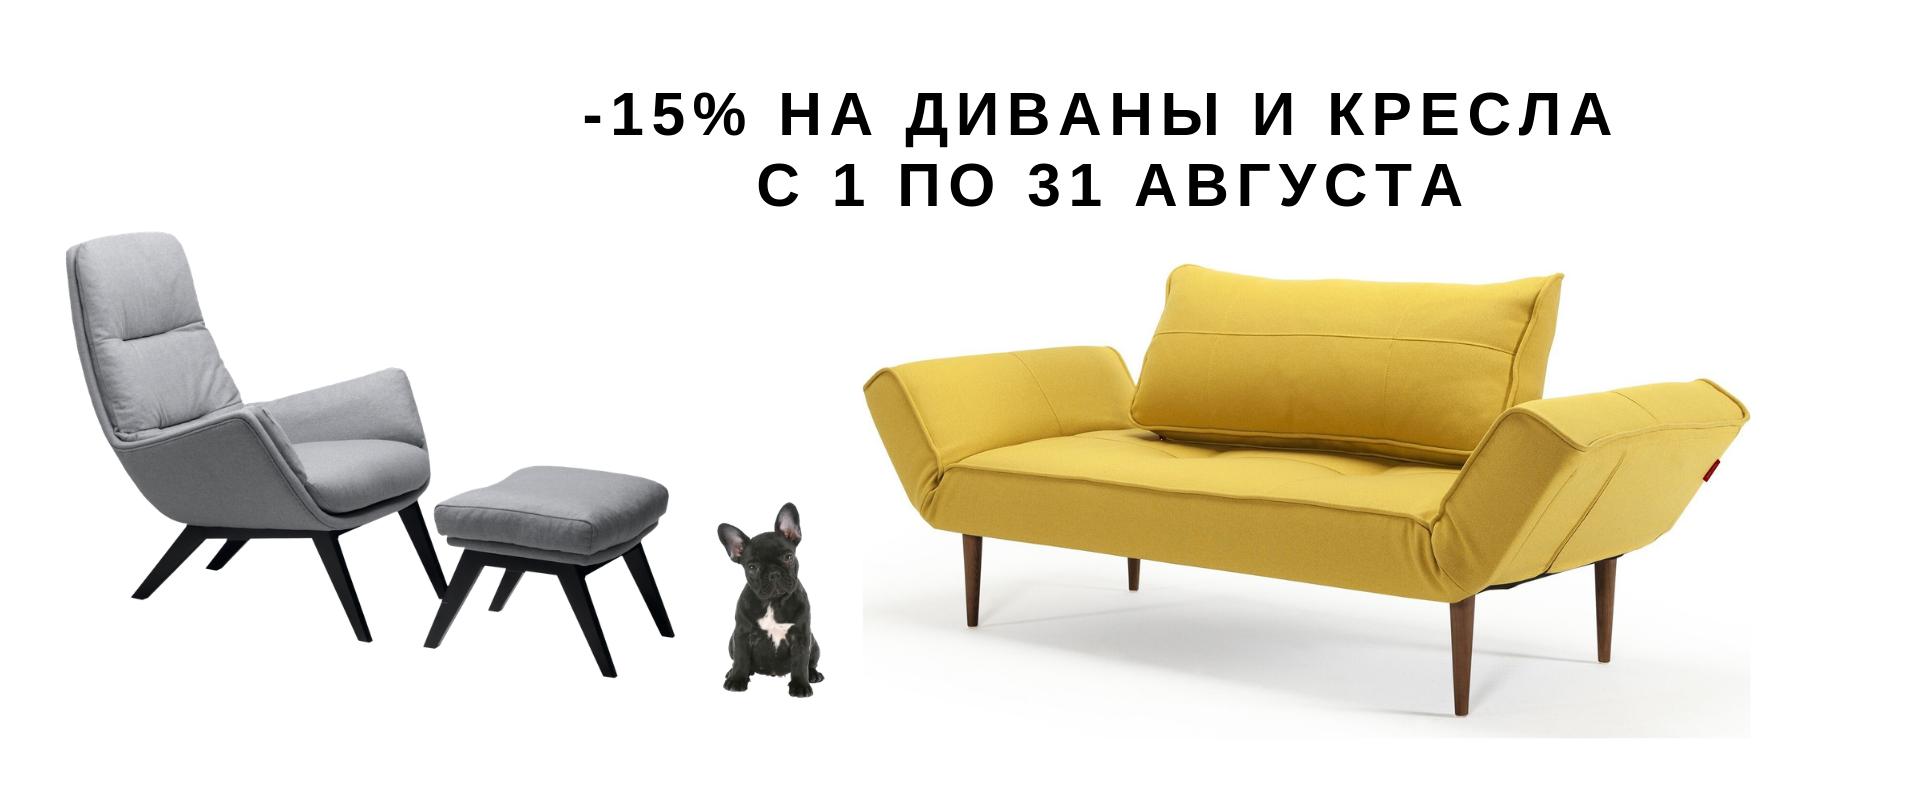 -15% на диваны, кресла, кровати, копия, копия, копия (2)